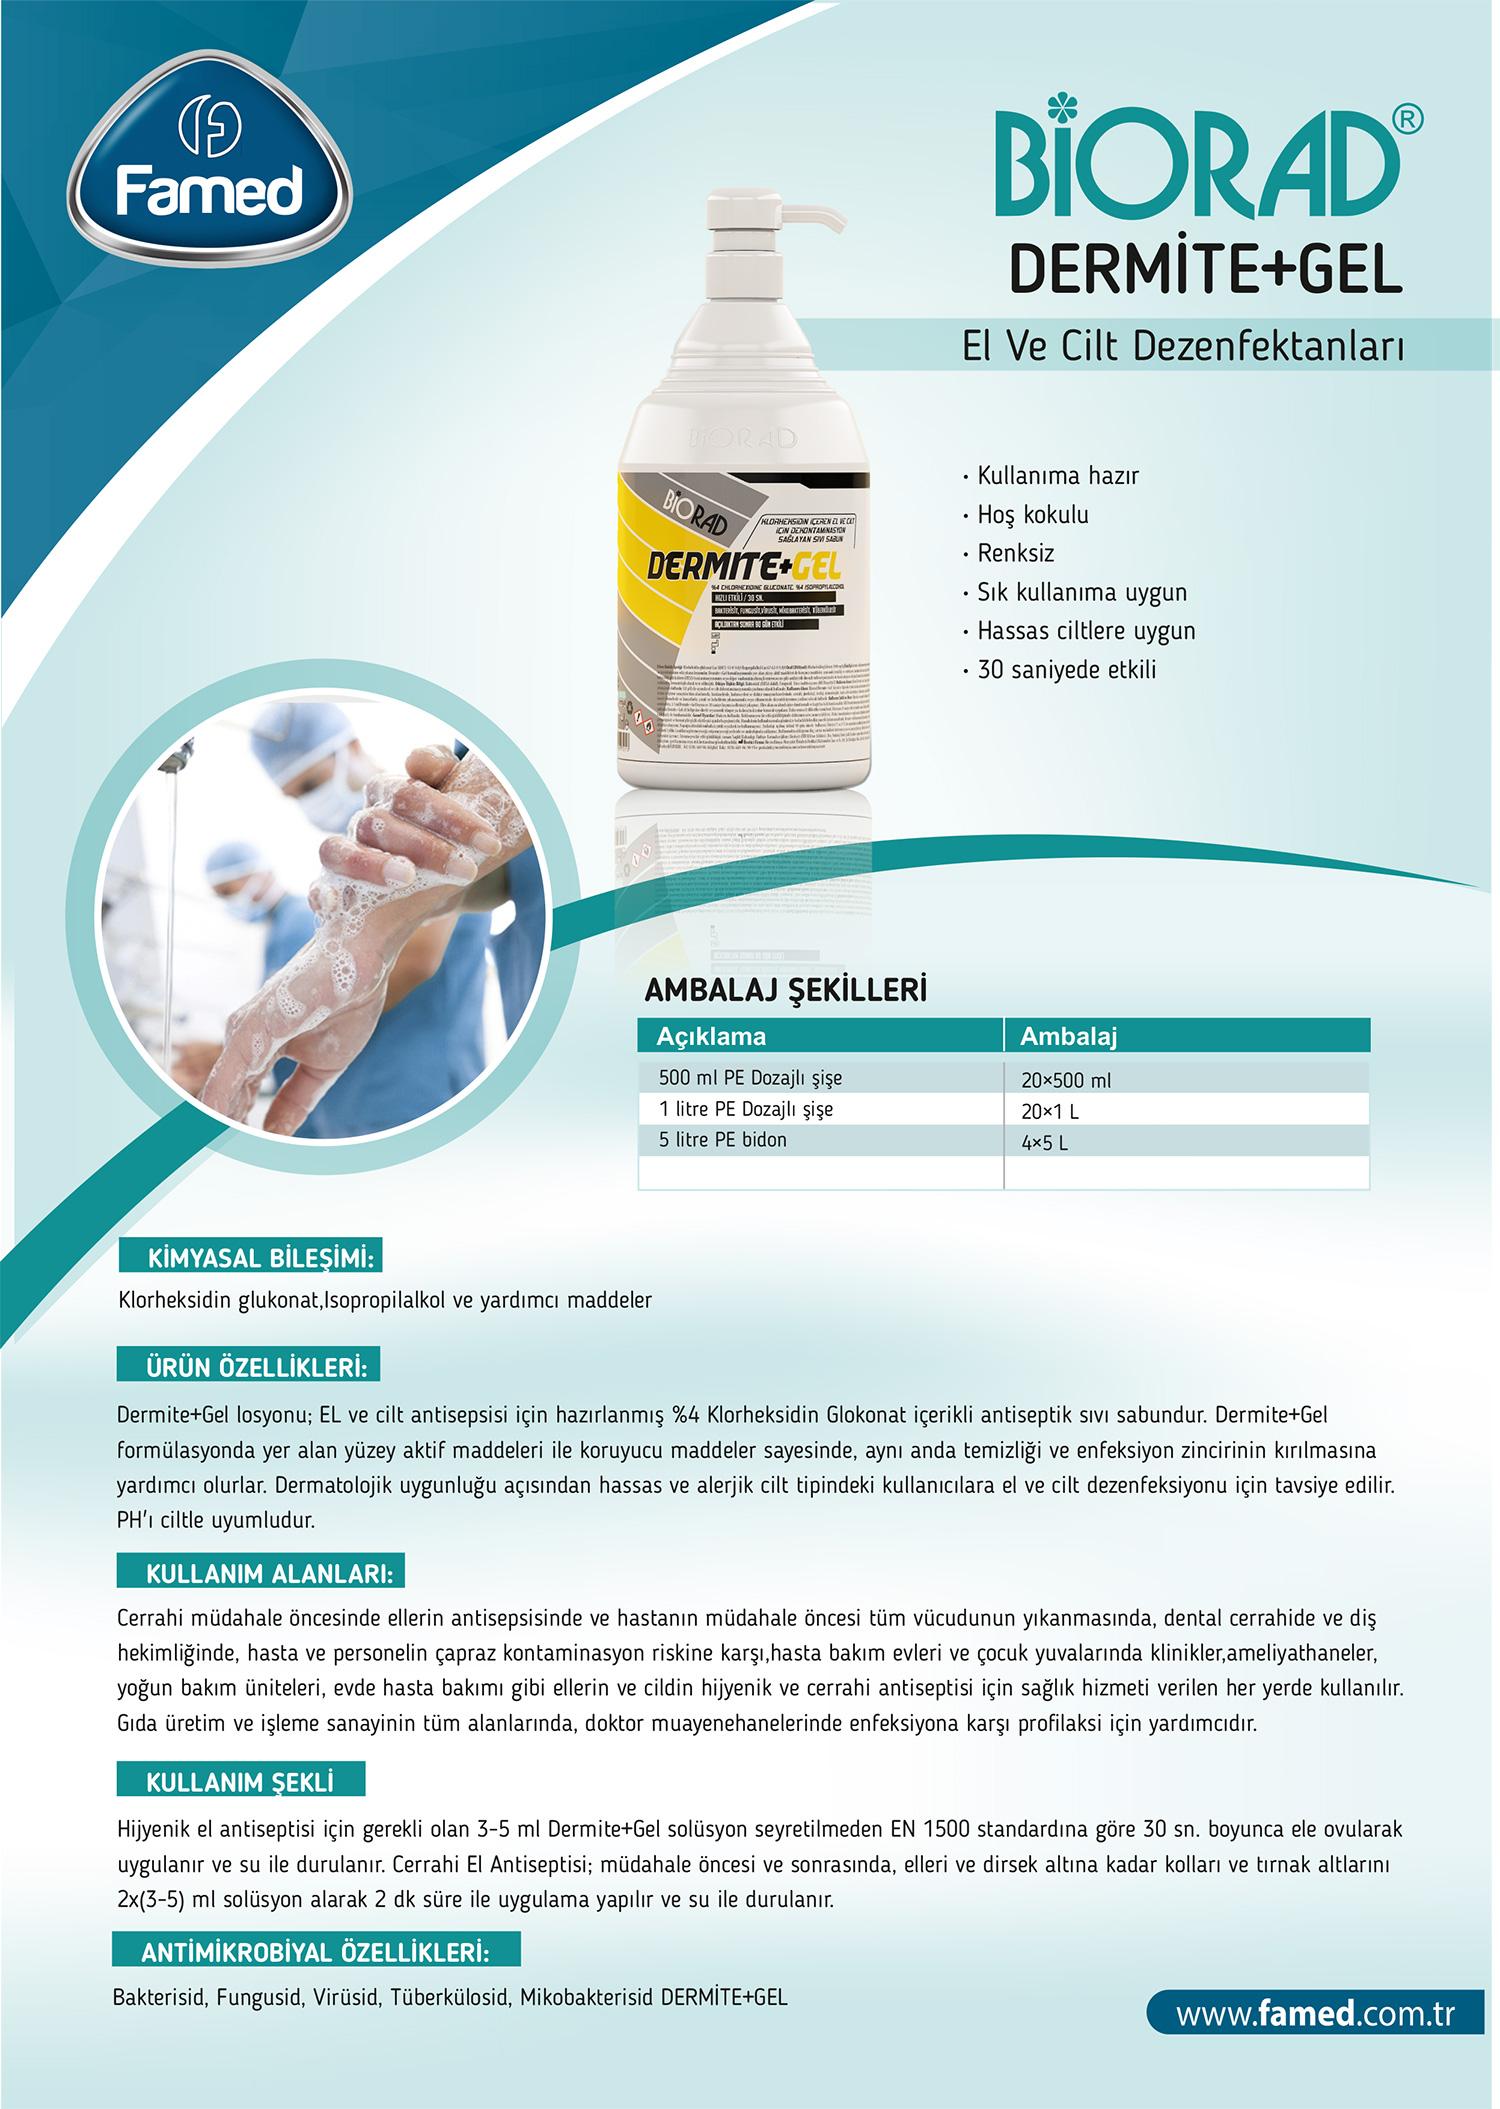 El ve Cilt Dezenfektan Dermite Jel